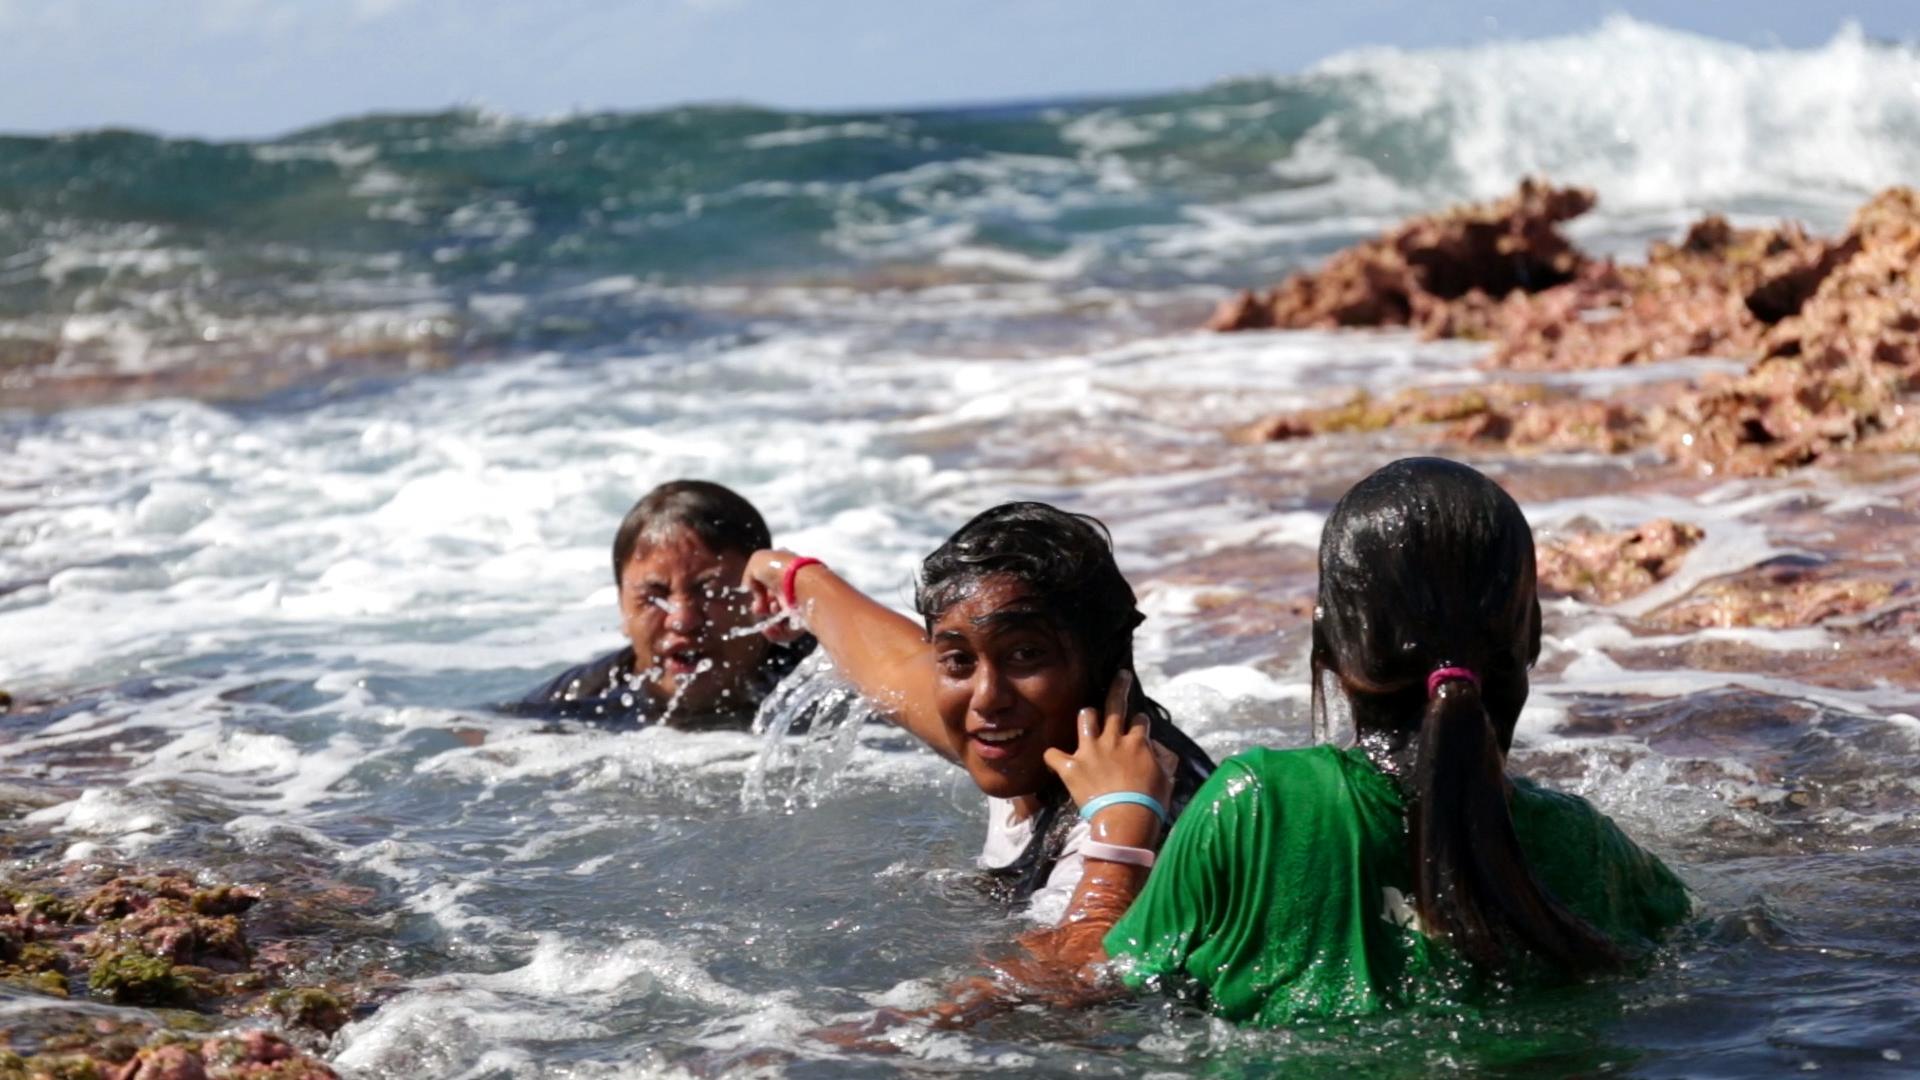 タヒチ ランギロア島 プロモーション動画 観光 子供